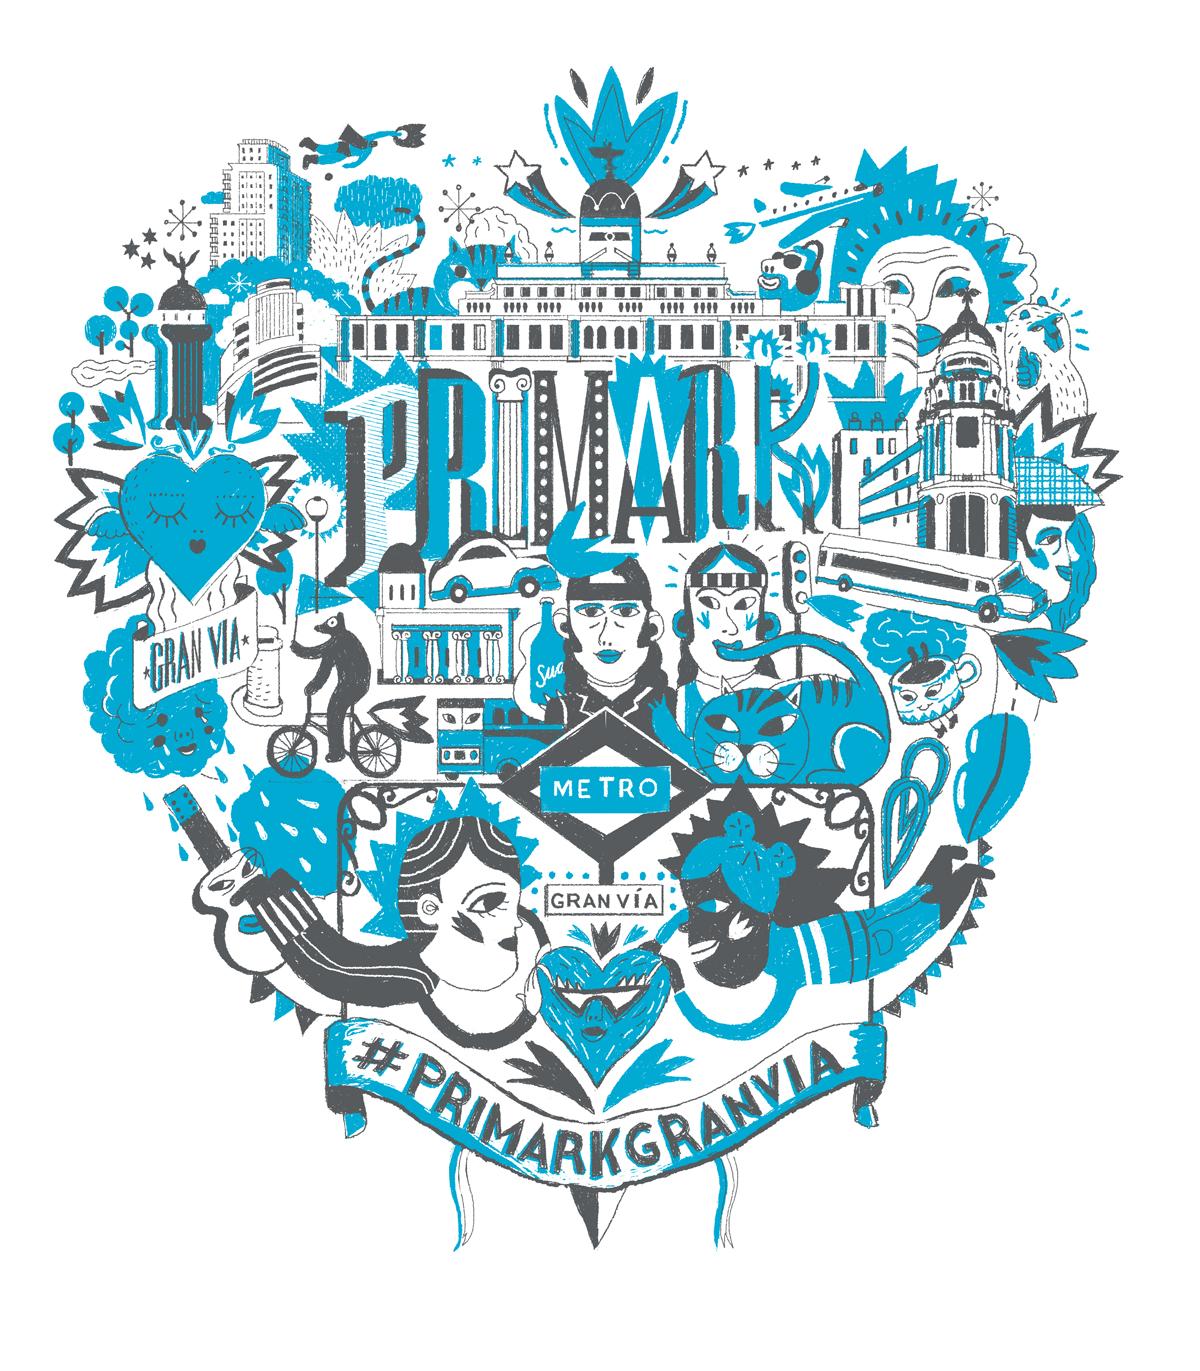 Primark_01